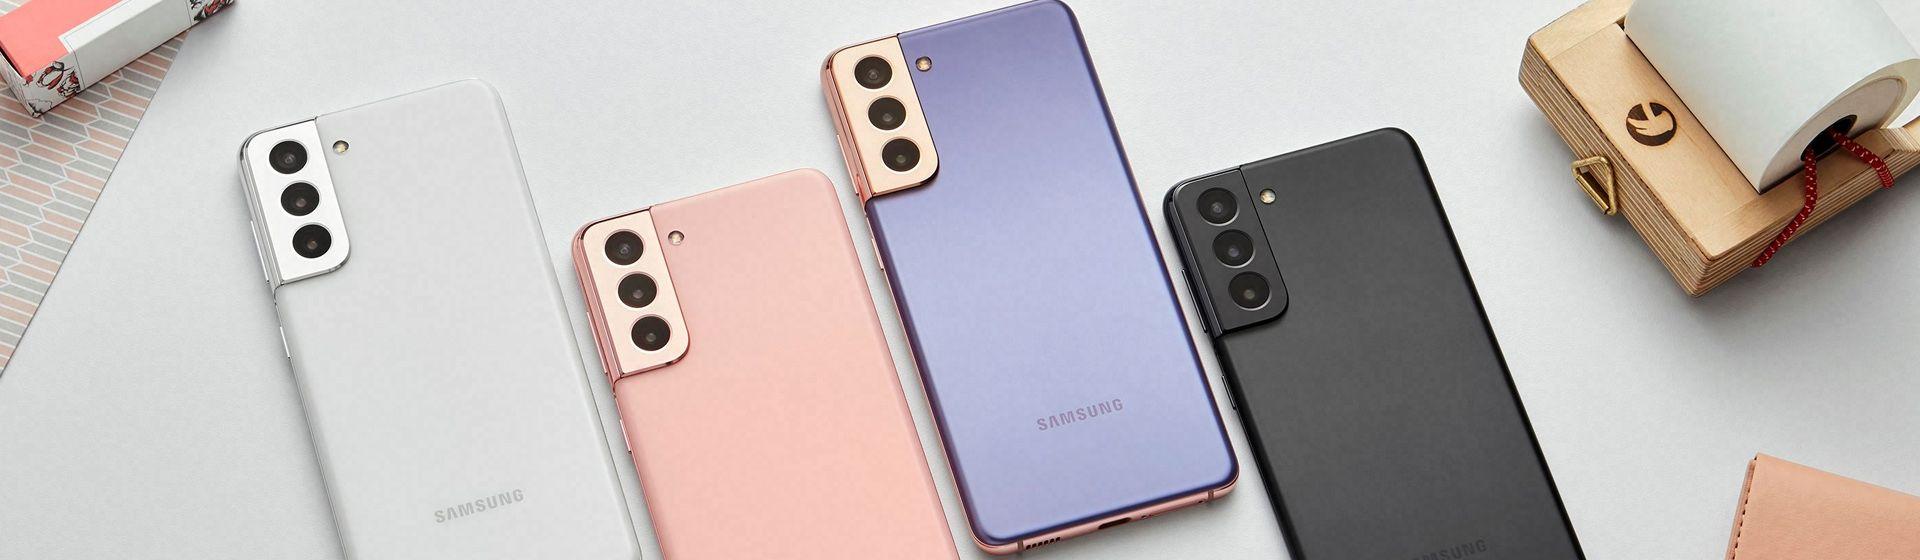 Samsung lança Galaxy S21 e S21 Plus sem carregador na caixa; veja preços e características